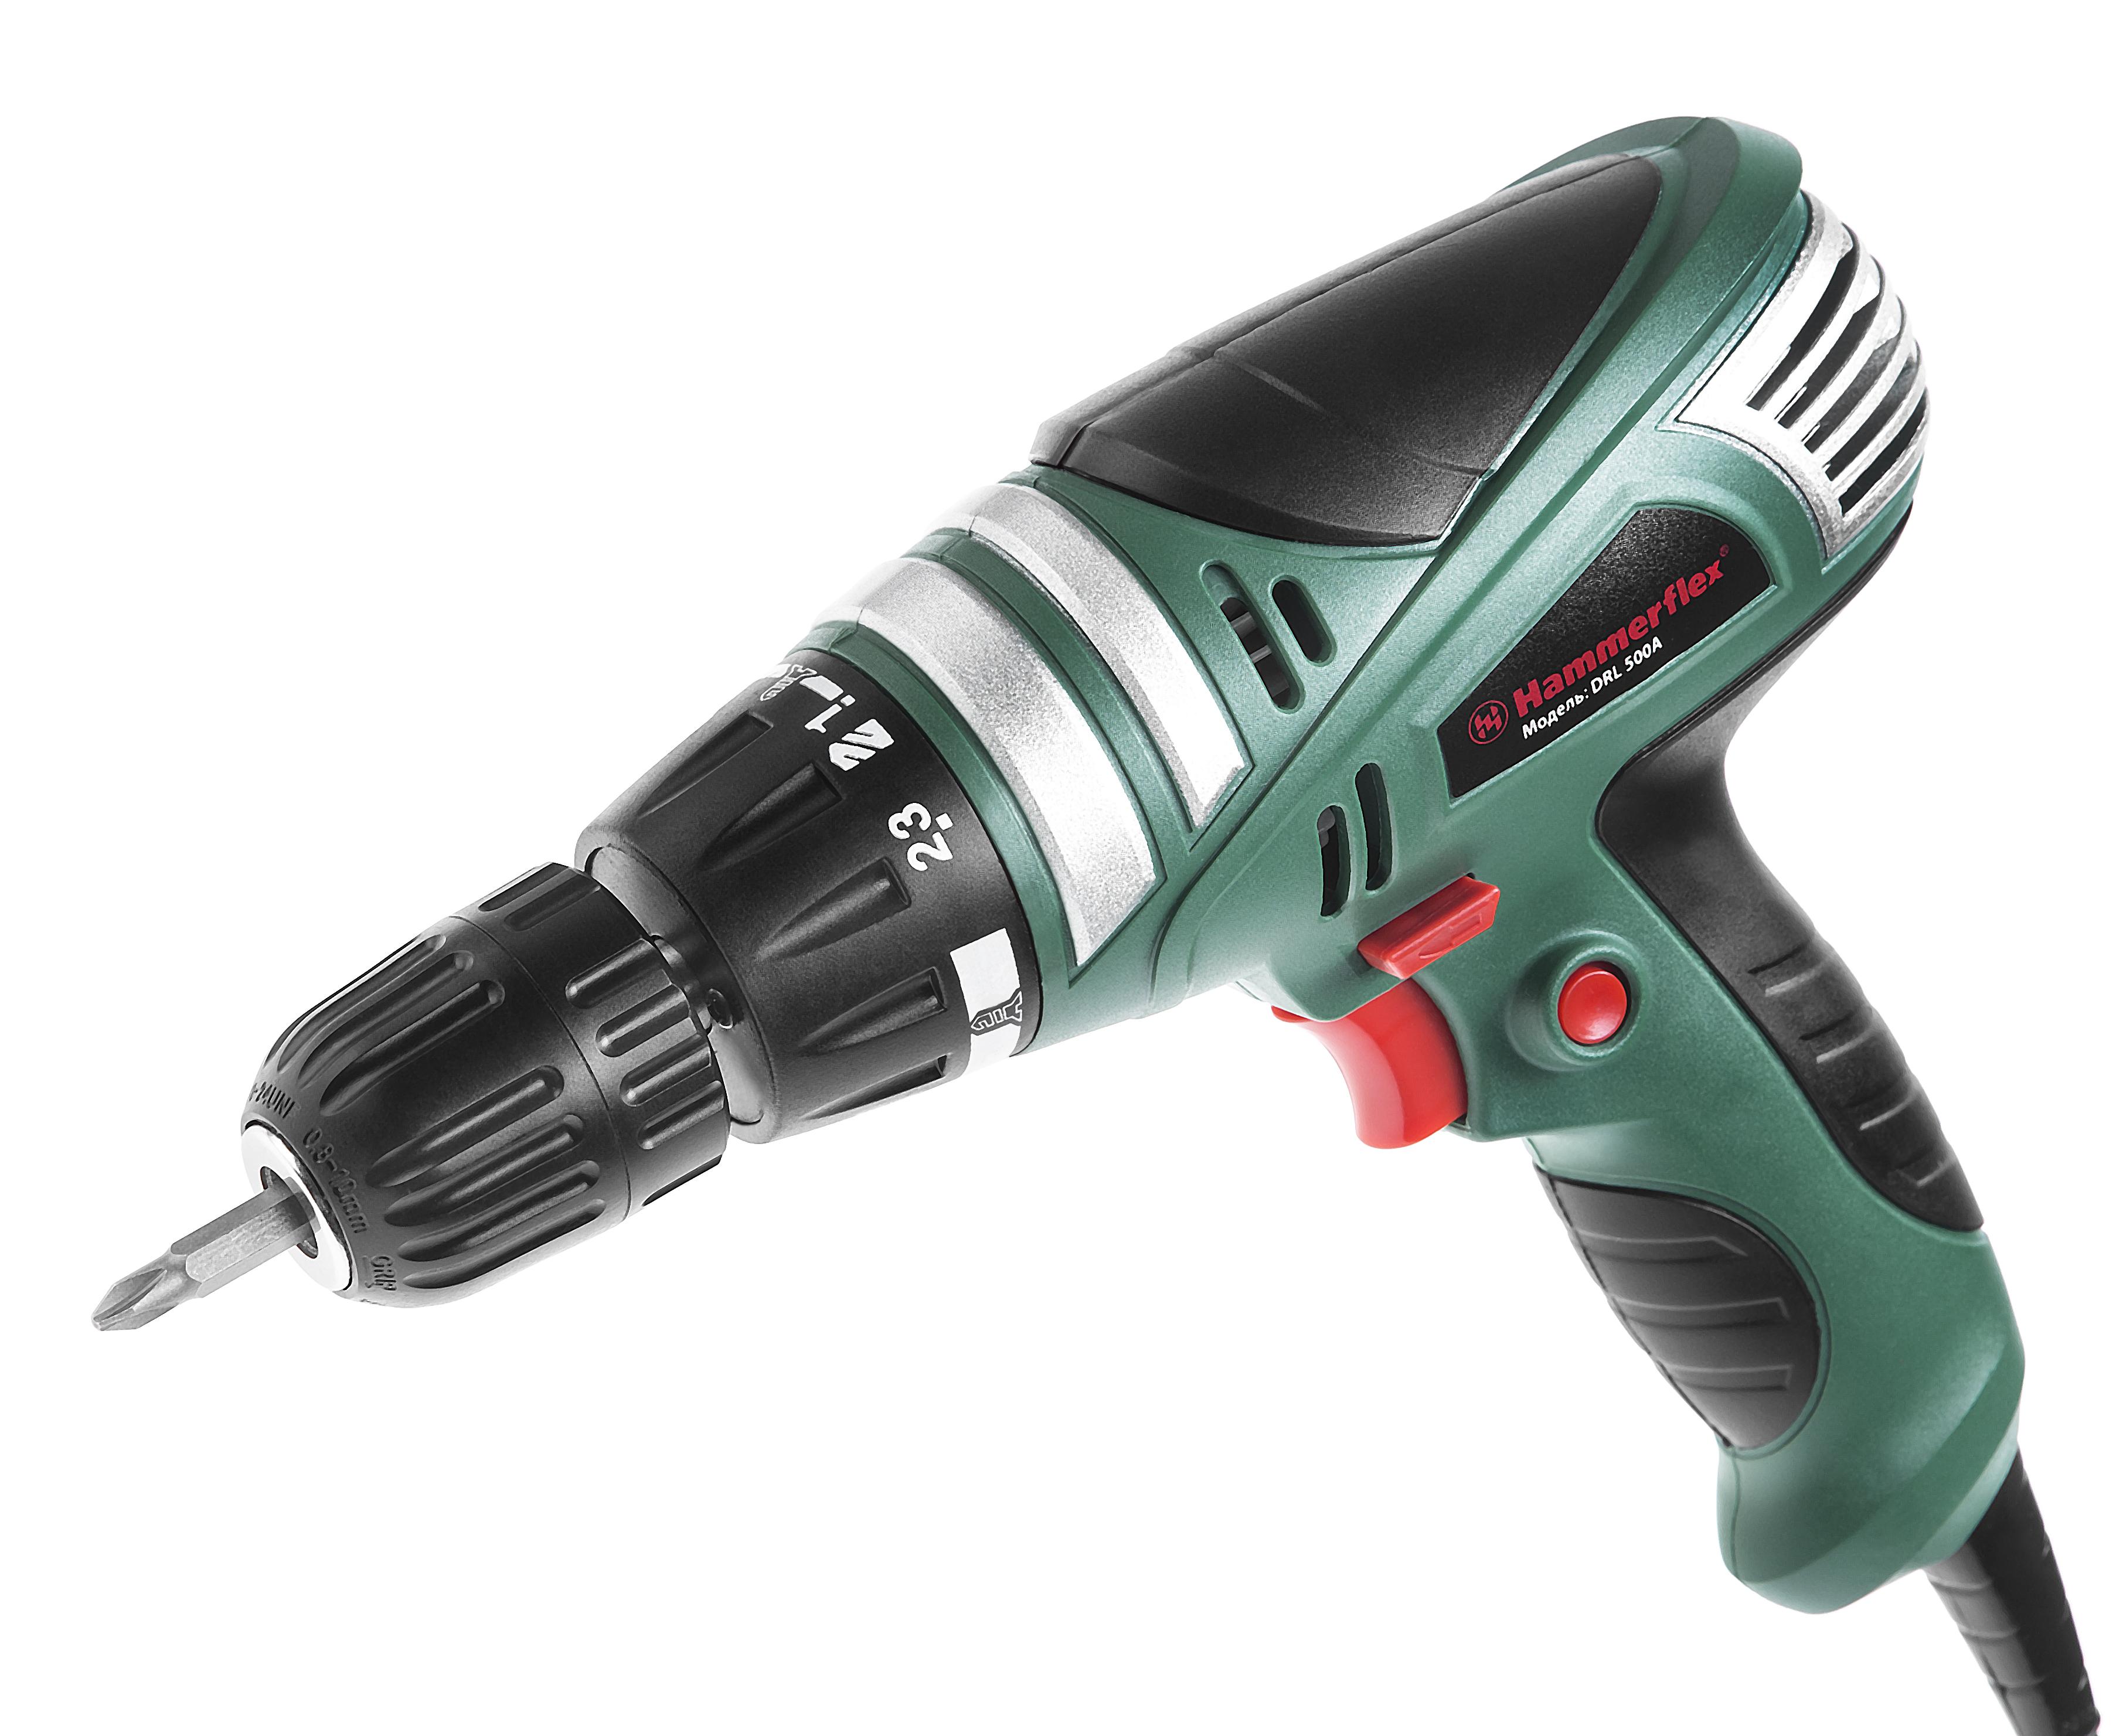 цена на Дрель-шуруповерт Hammer Flex drl500a